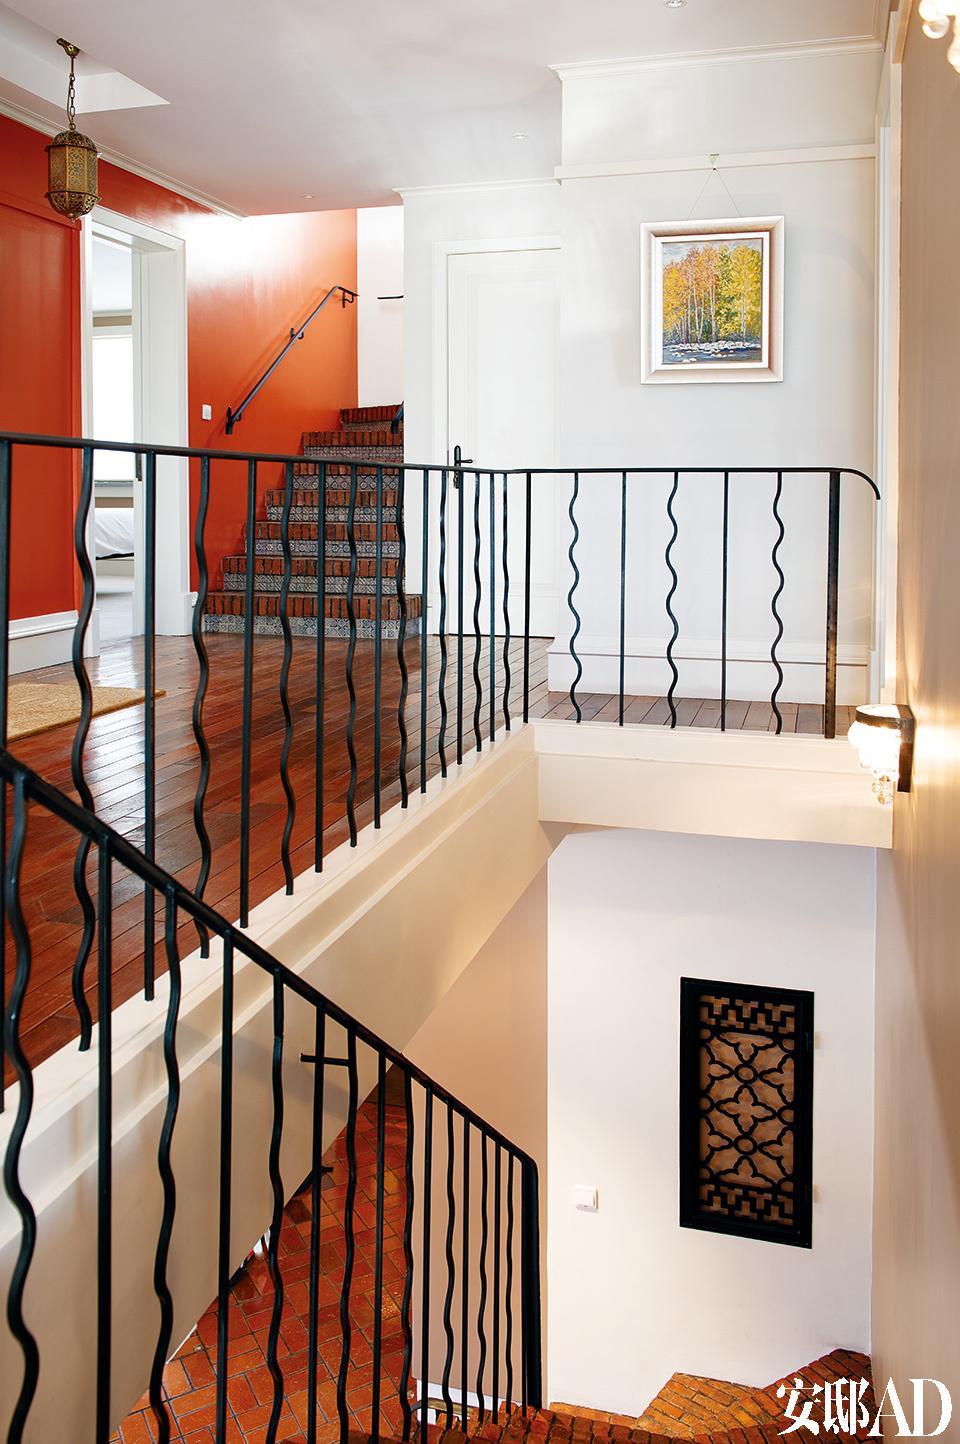 楼梯回廊。屋内的铁艺都是在当地请工匠制作的,墙面上的铁艺装饰遮盖了电箱。